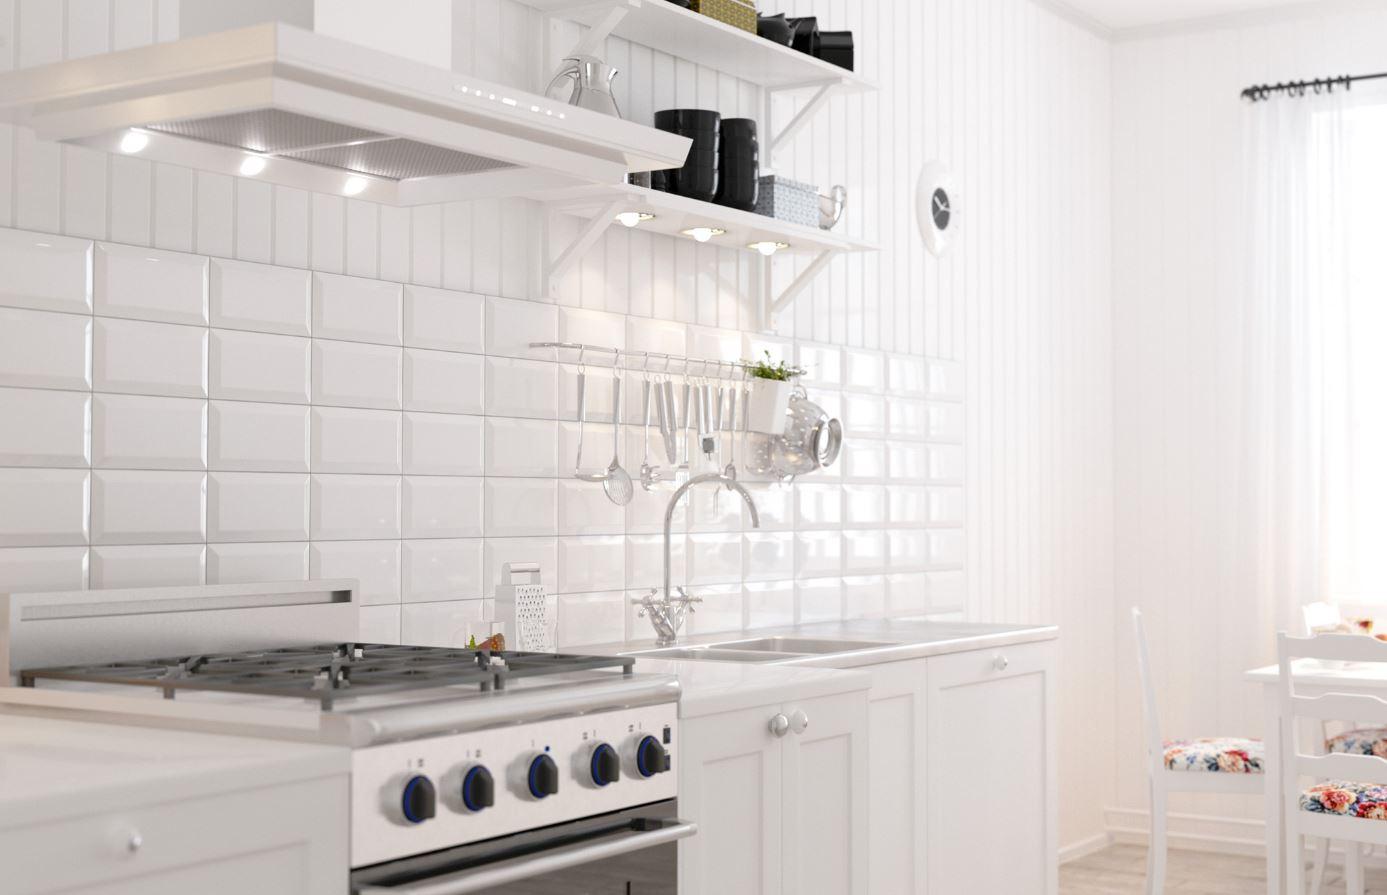 Płytki Cegiełki Białe Z Faską Połysk Biselado Blanco Brillo Metrotiles White 10x20